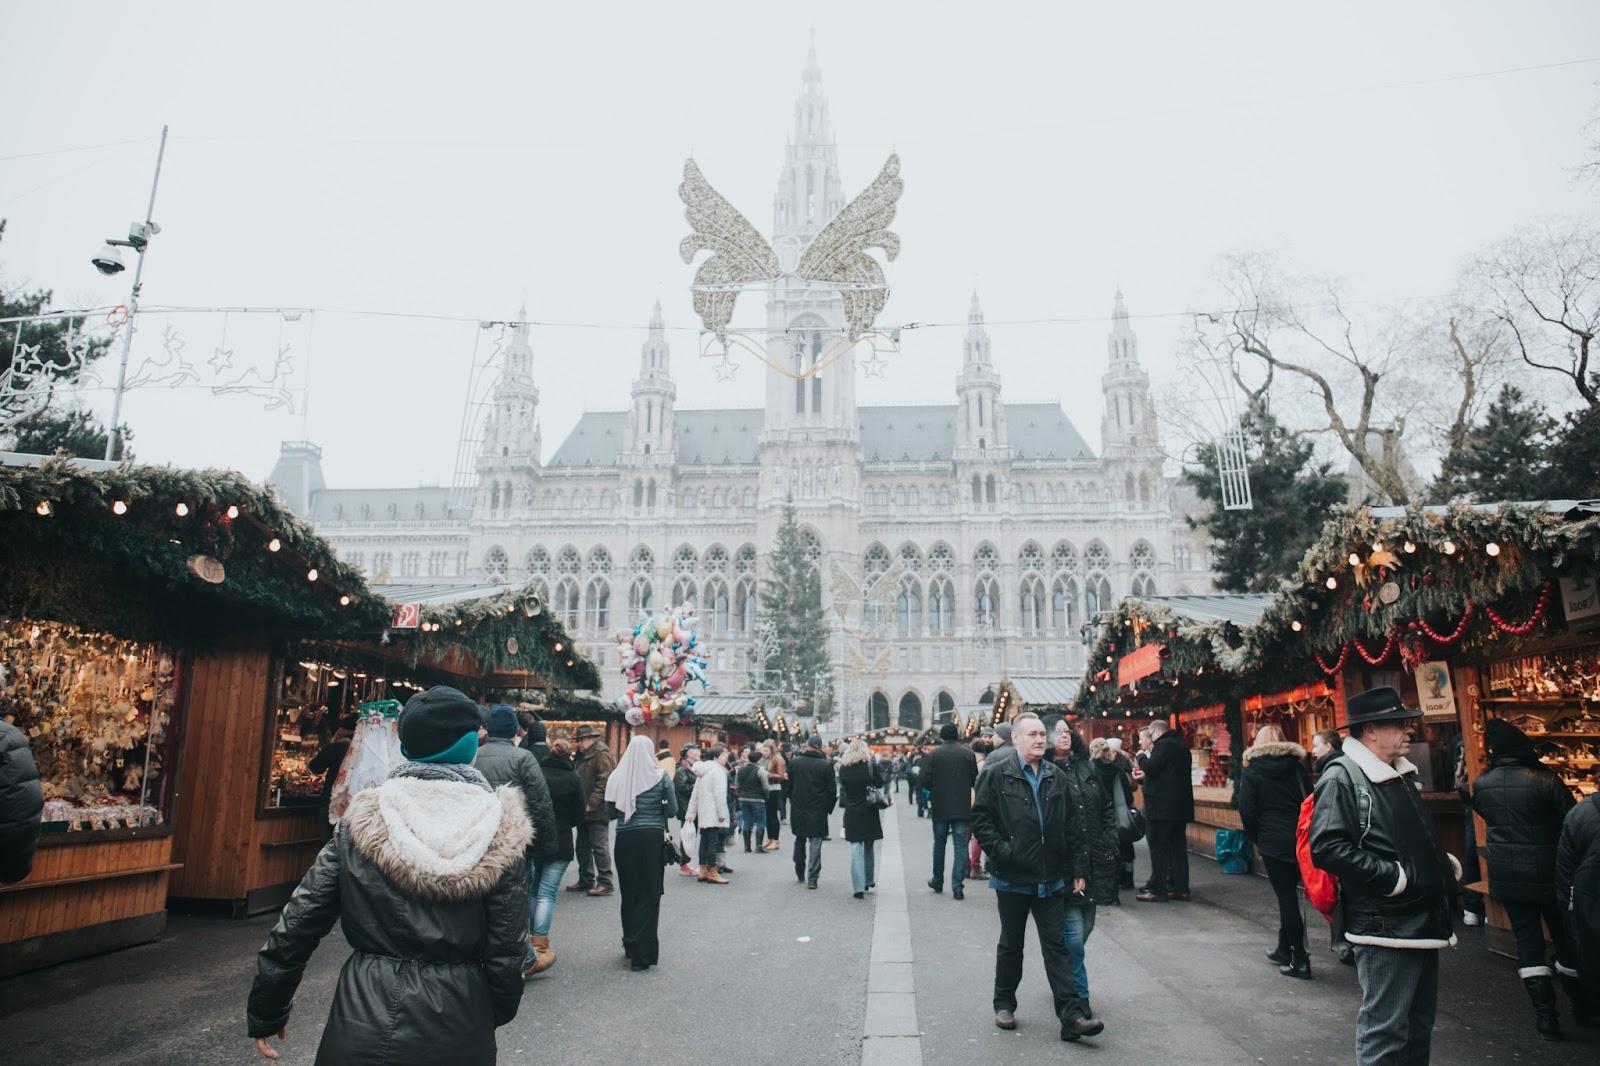 Viennese Christmas market, Vienna